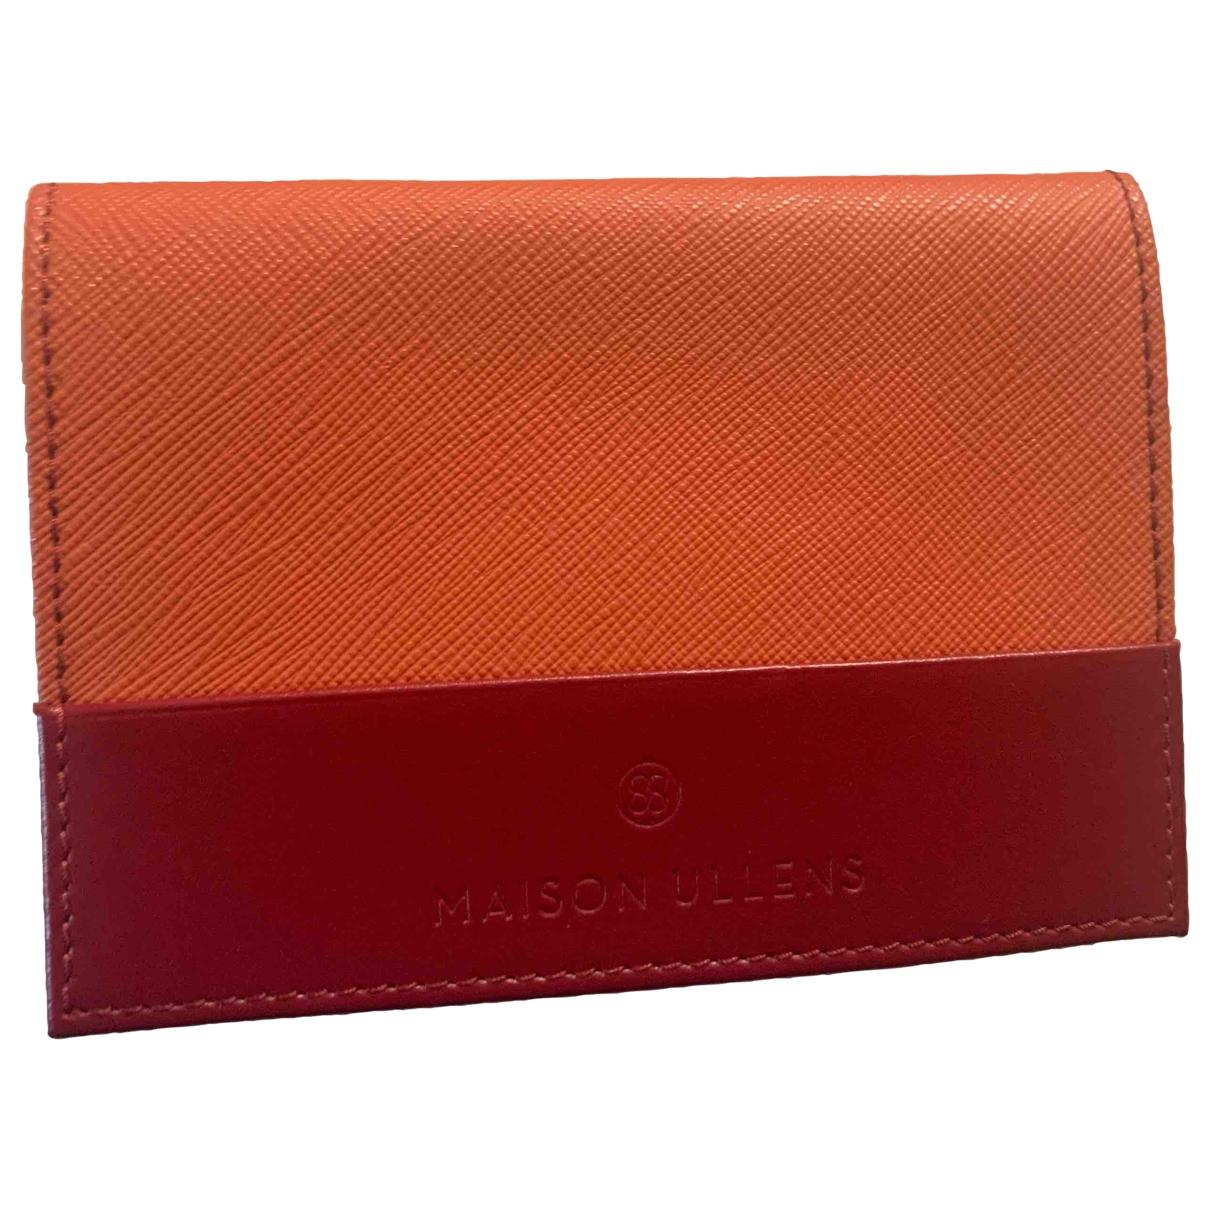 Maison Ullens - Petite maroquinerie   pour femme en cuir - orange